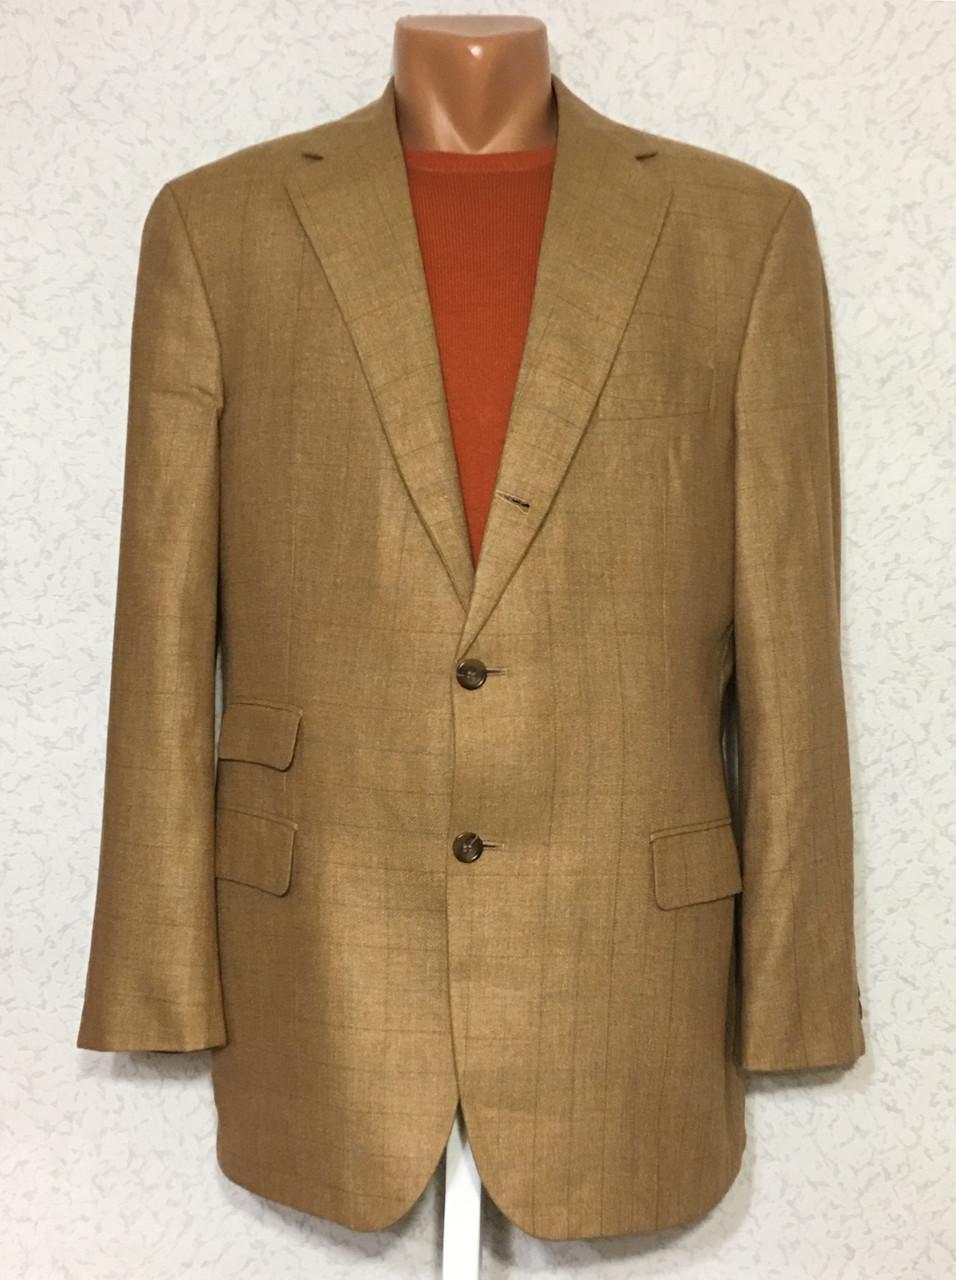 Пиджак OSCAR JACOBSON (шелк+шерсть) - 52